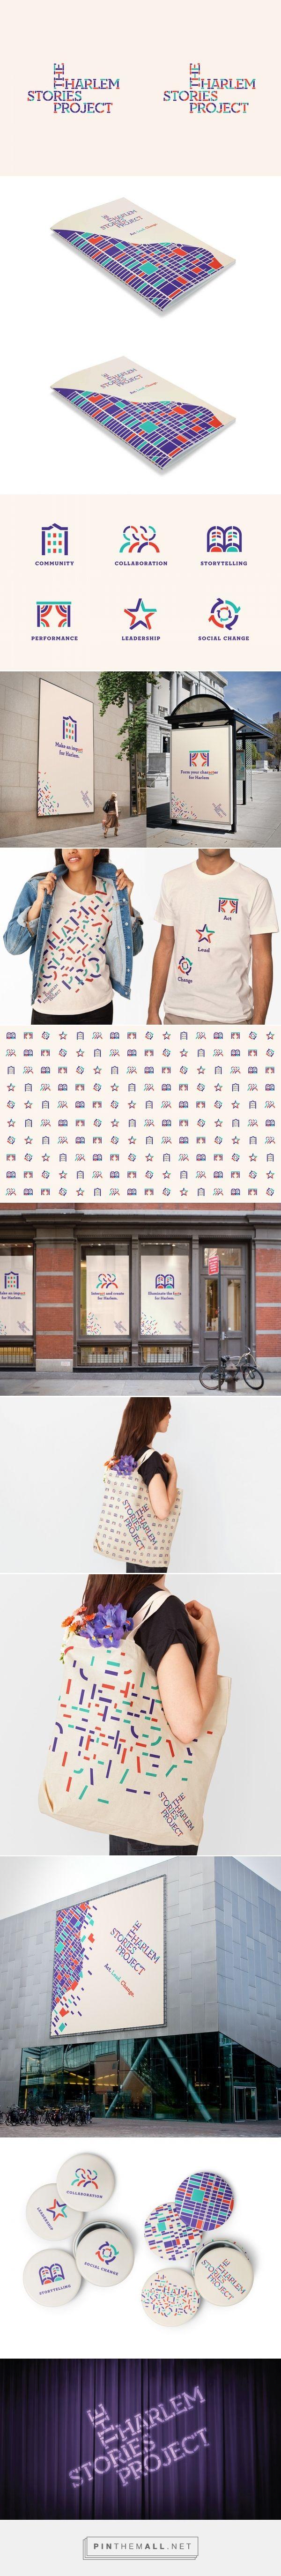 Hyperakt | Capturing the energy of Harlem | Fivestar Branding – Design and Branding Agency & Inspiration Gallery